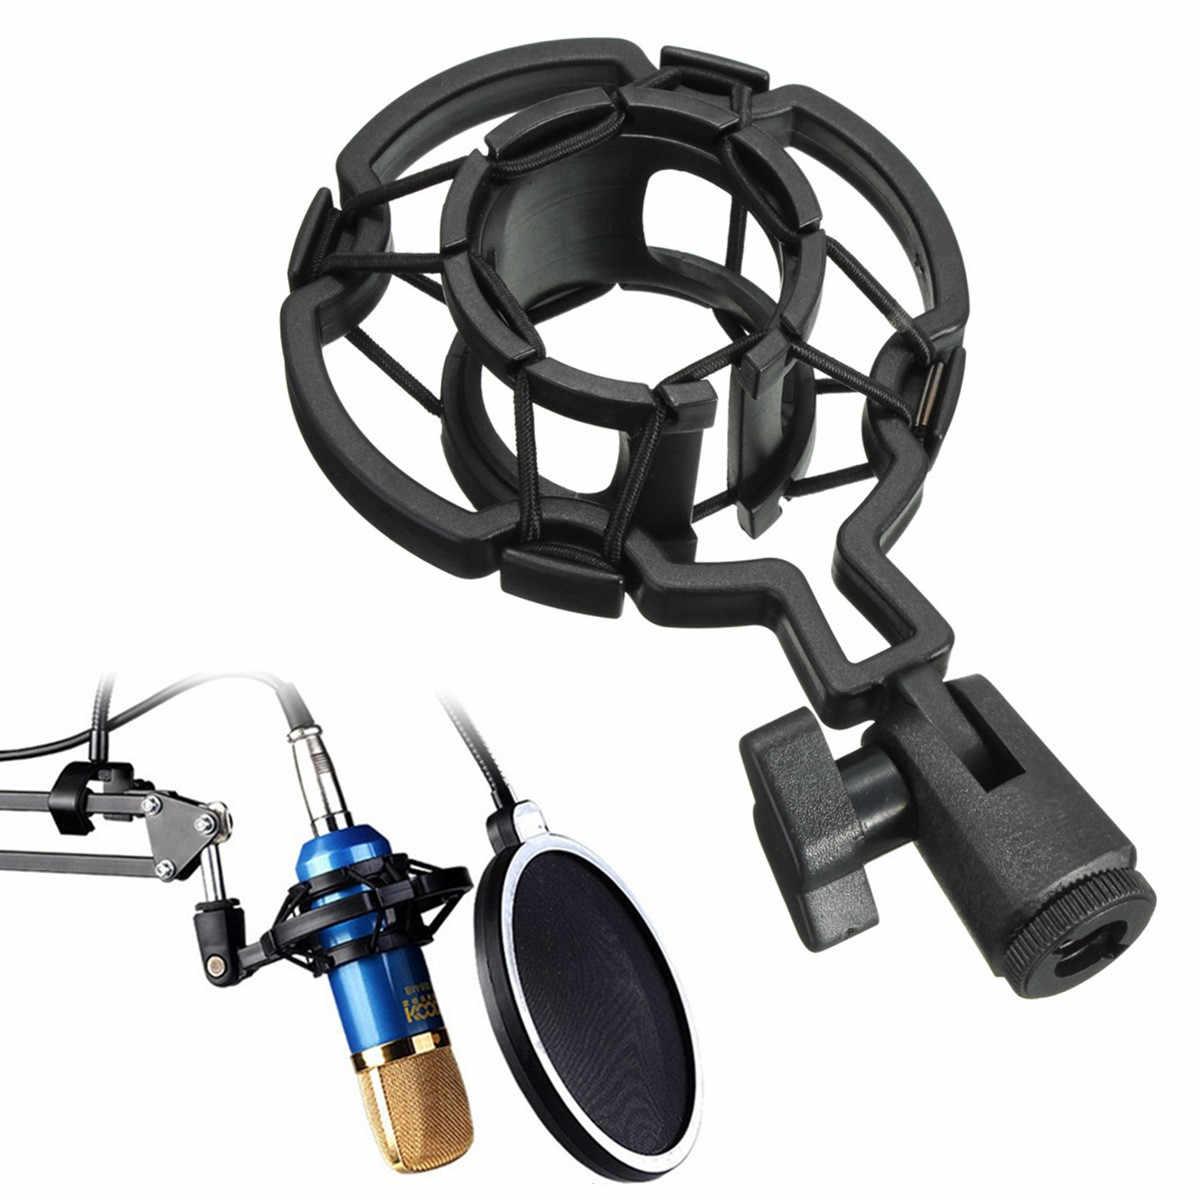 Микрофон Микрофон Shock Mount Holder Универсальный студийный для большой Diaphram конденсаторный микрофон клип пластиковый микрофон Подвеска запись